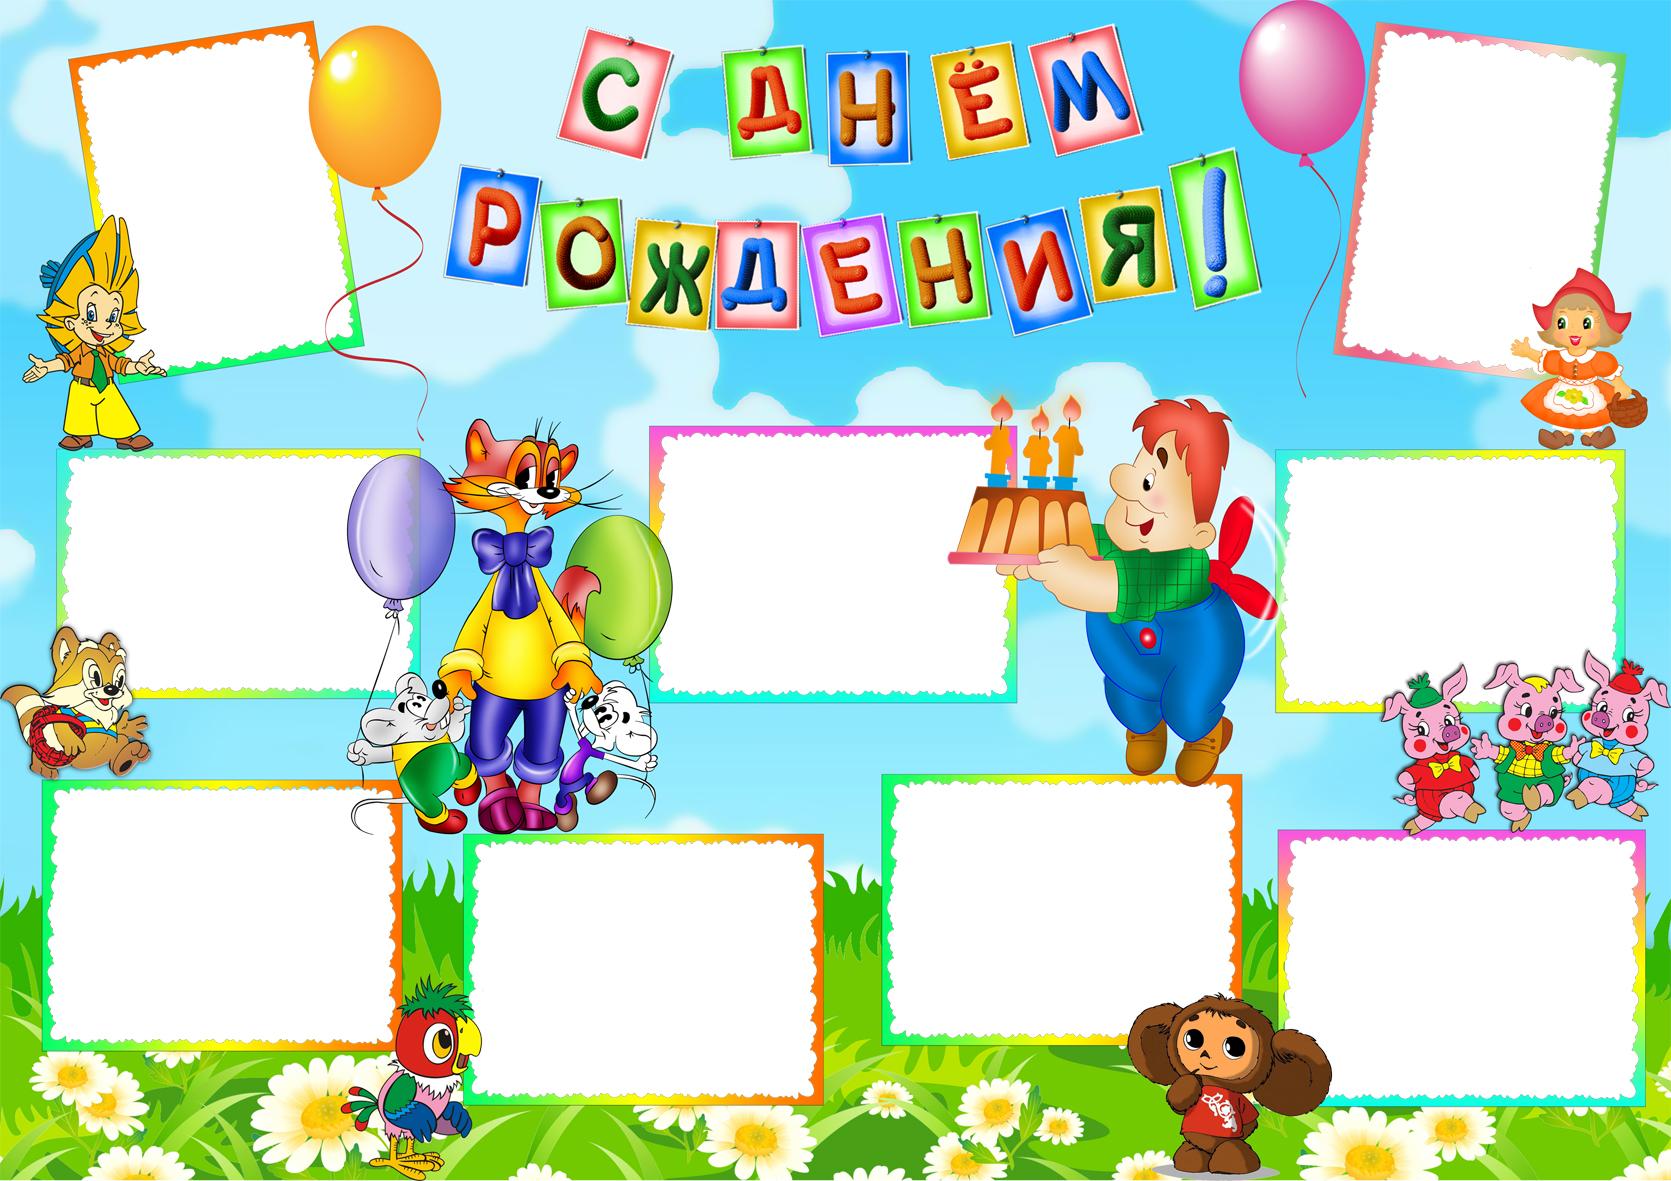 С днем рождения картинки плакаты, открытках интернете